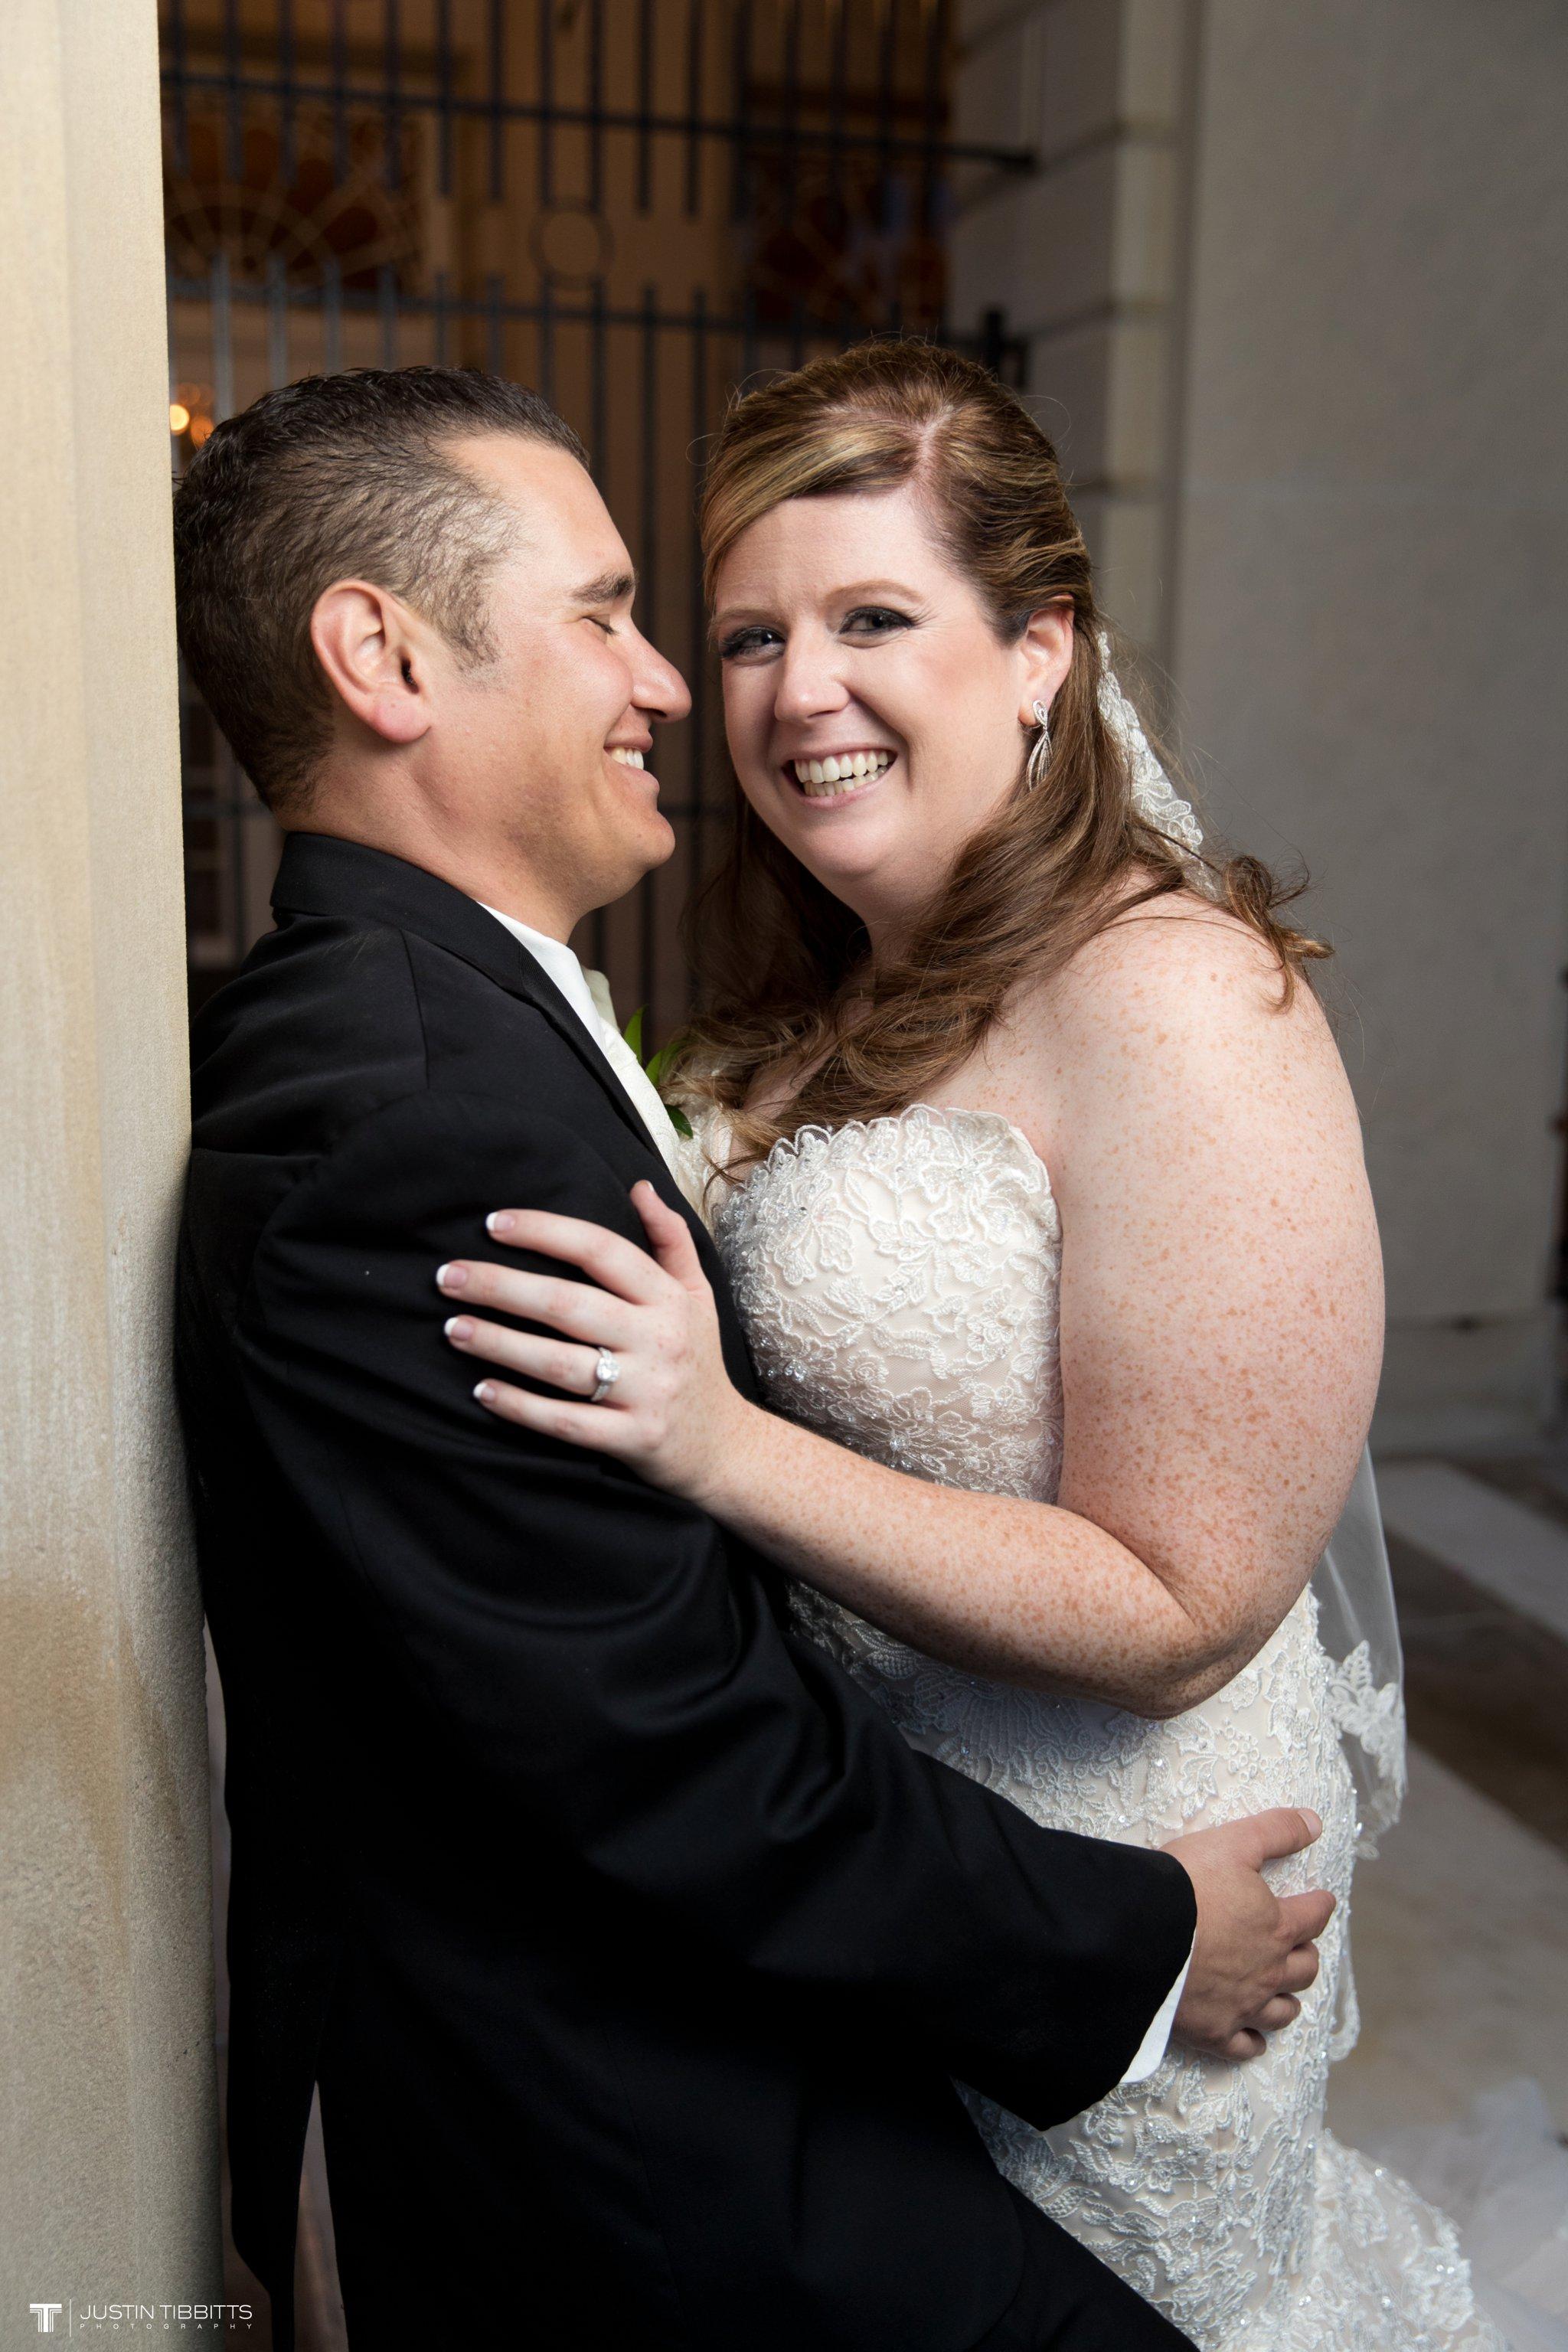 Hall of Springs Wedding Photos with Amanda and Jon-Michael_0075